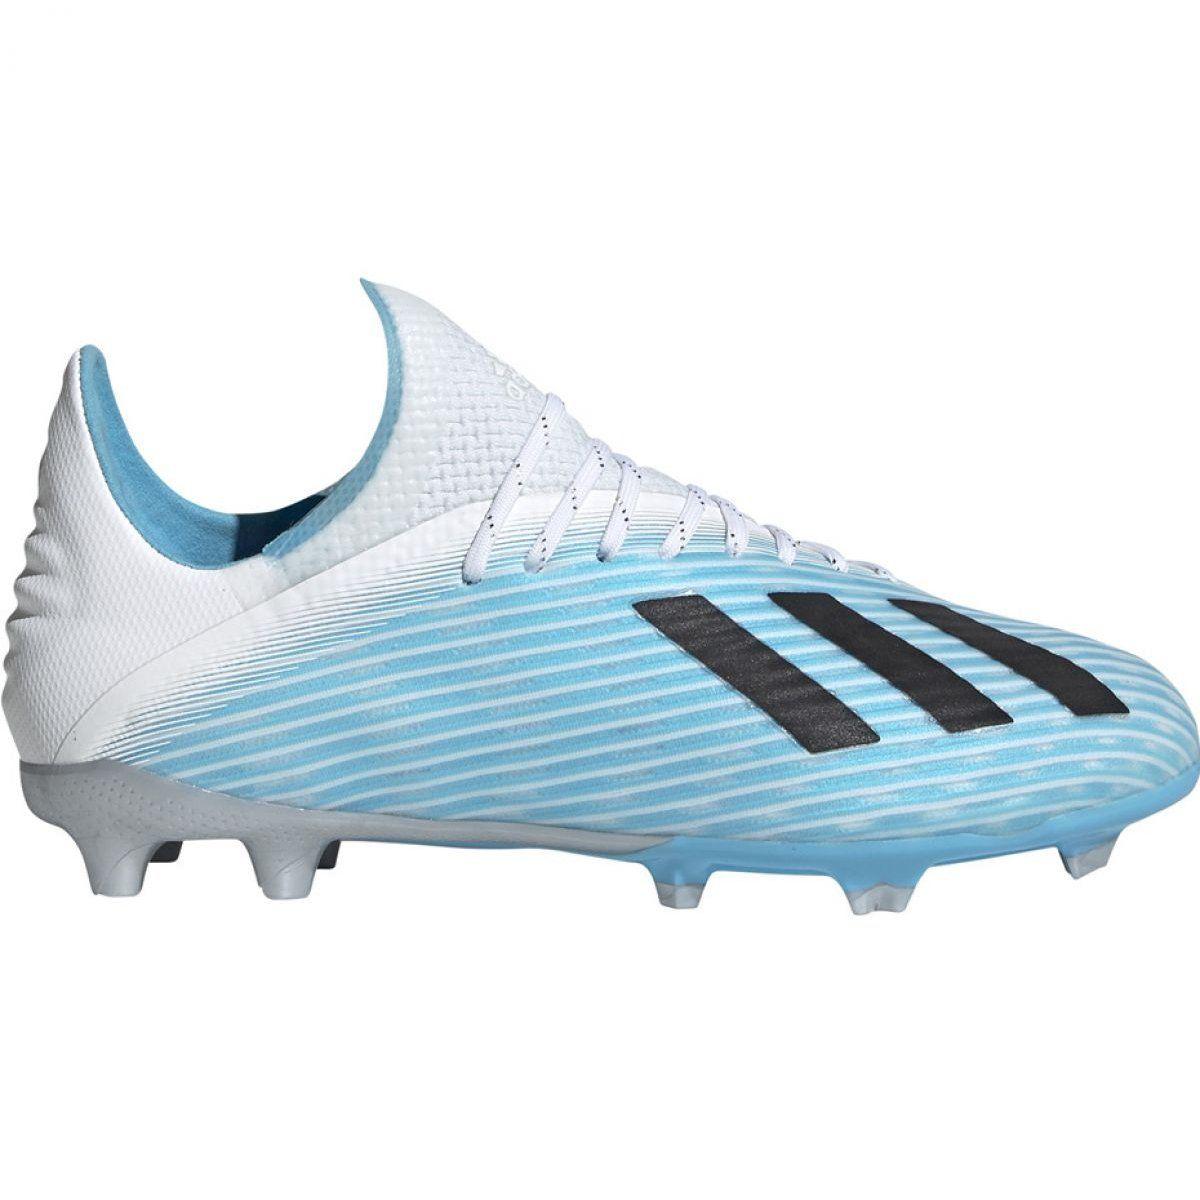 Adidas X 19 1 Fg Jr F35684 Football Shoes Multicolored Blue Adidas Football Shoes Adidas Football